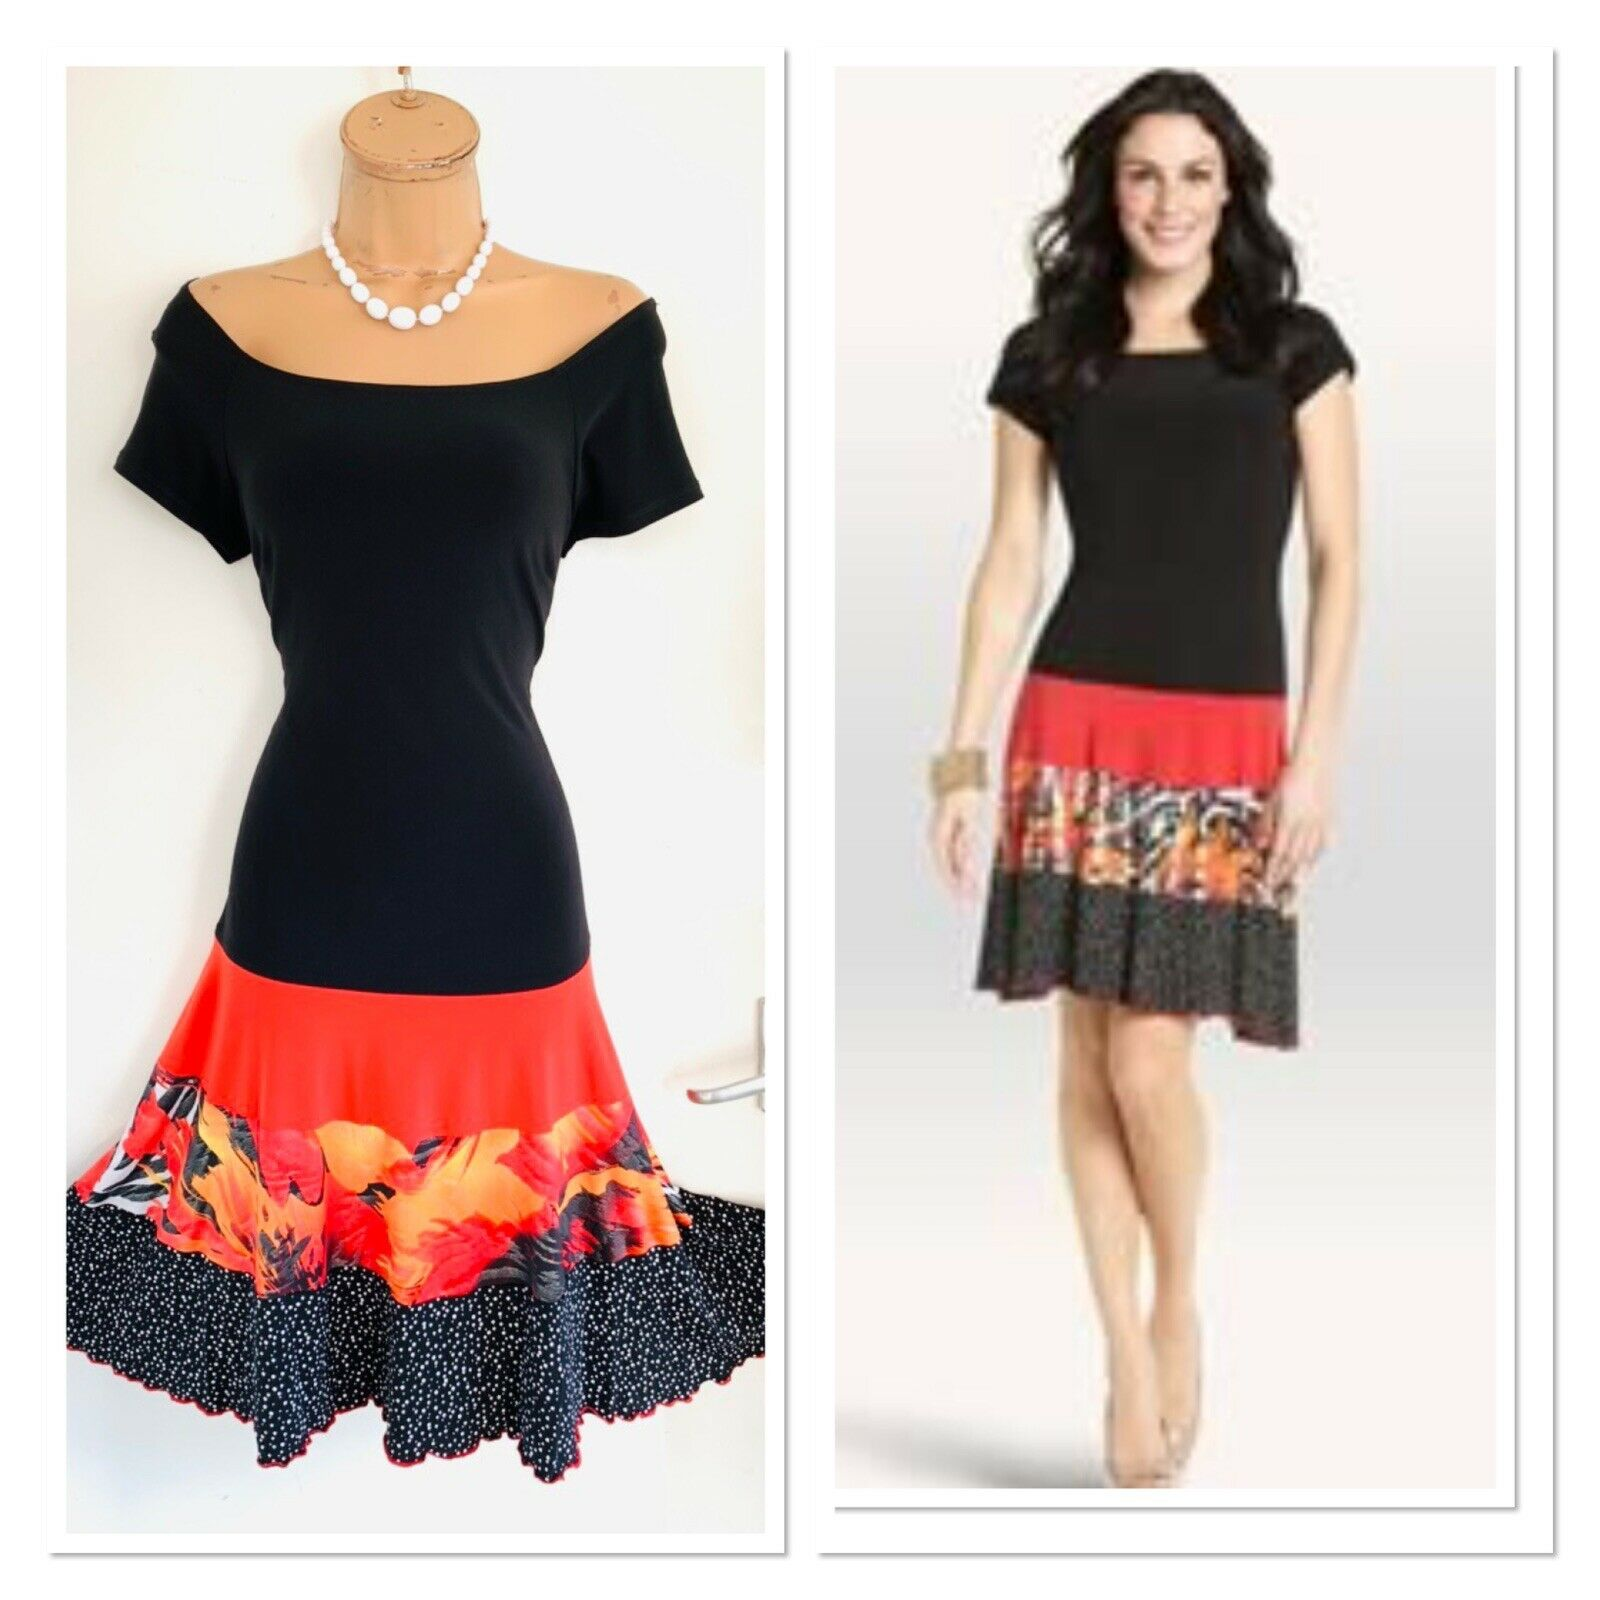 Beautiful FRANK LYMAN schwarz & Multi Fit & Flare Jersey Dress Größe 8-10